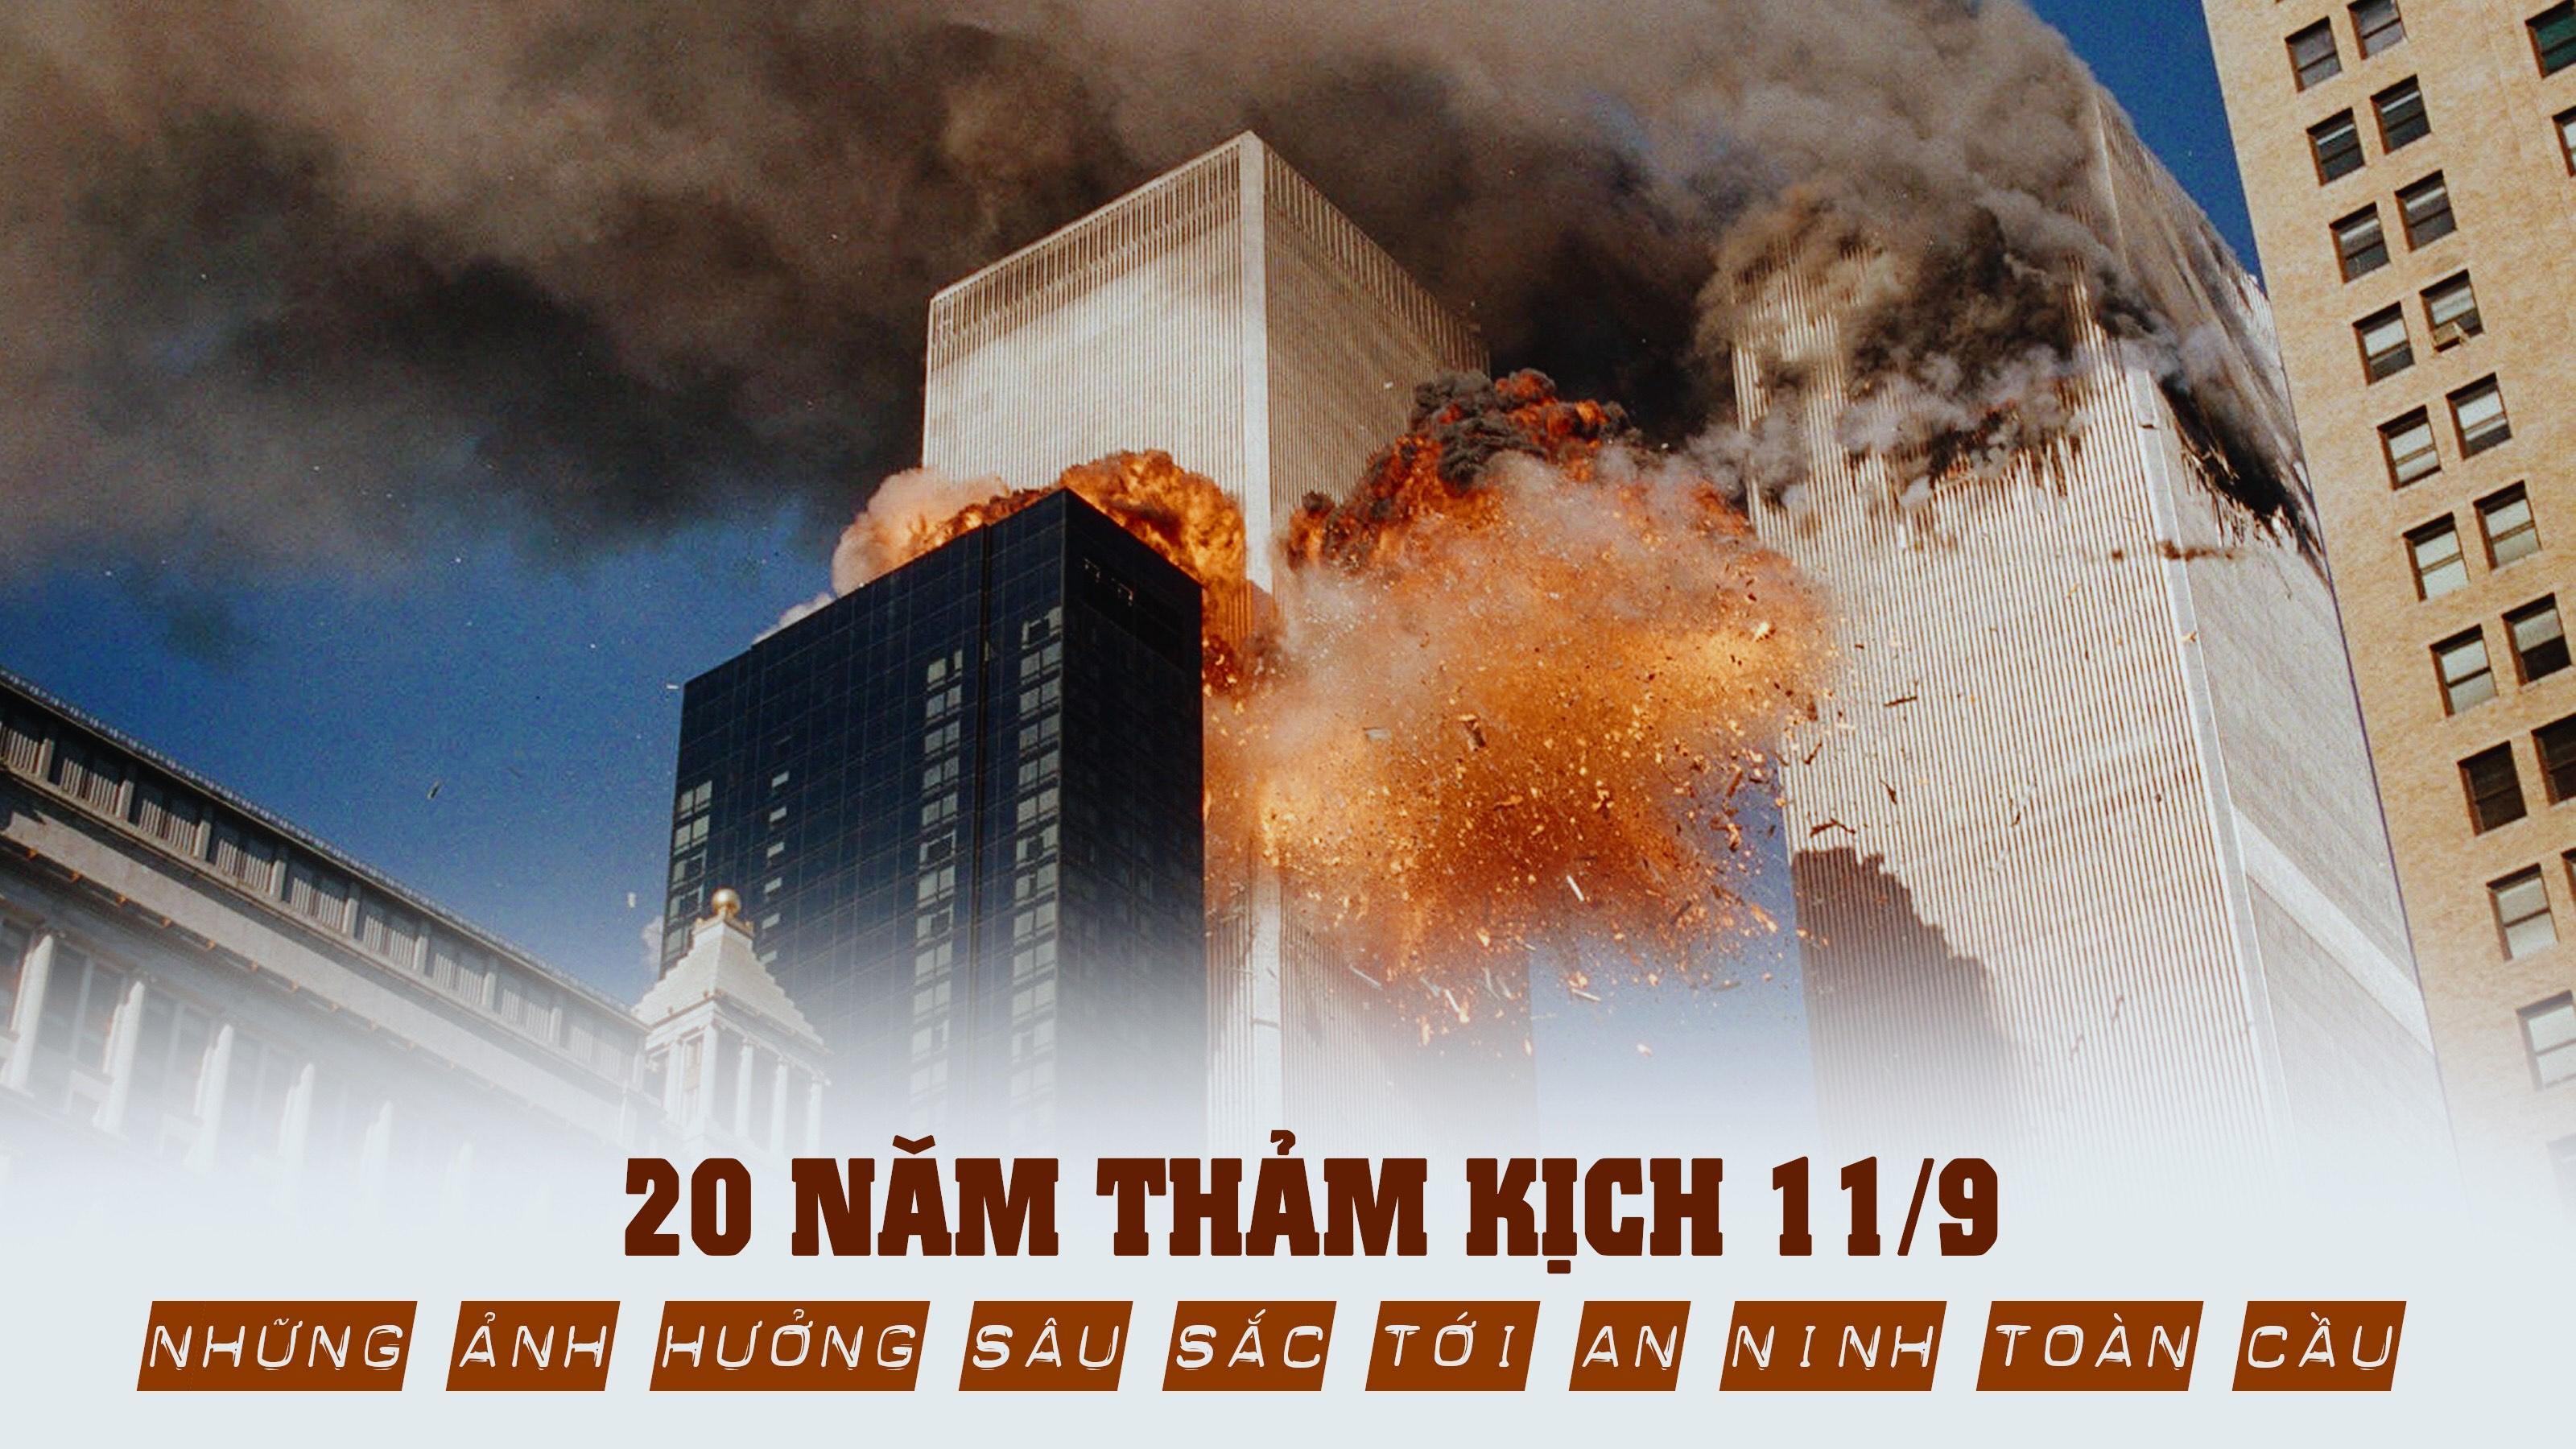 20 năm thảm kịch 11/9: Những ảnh hưởng sâu sắc tới an ninh toàn cầu